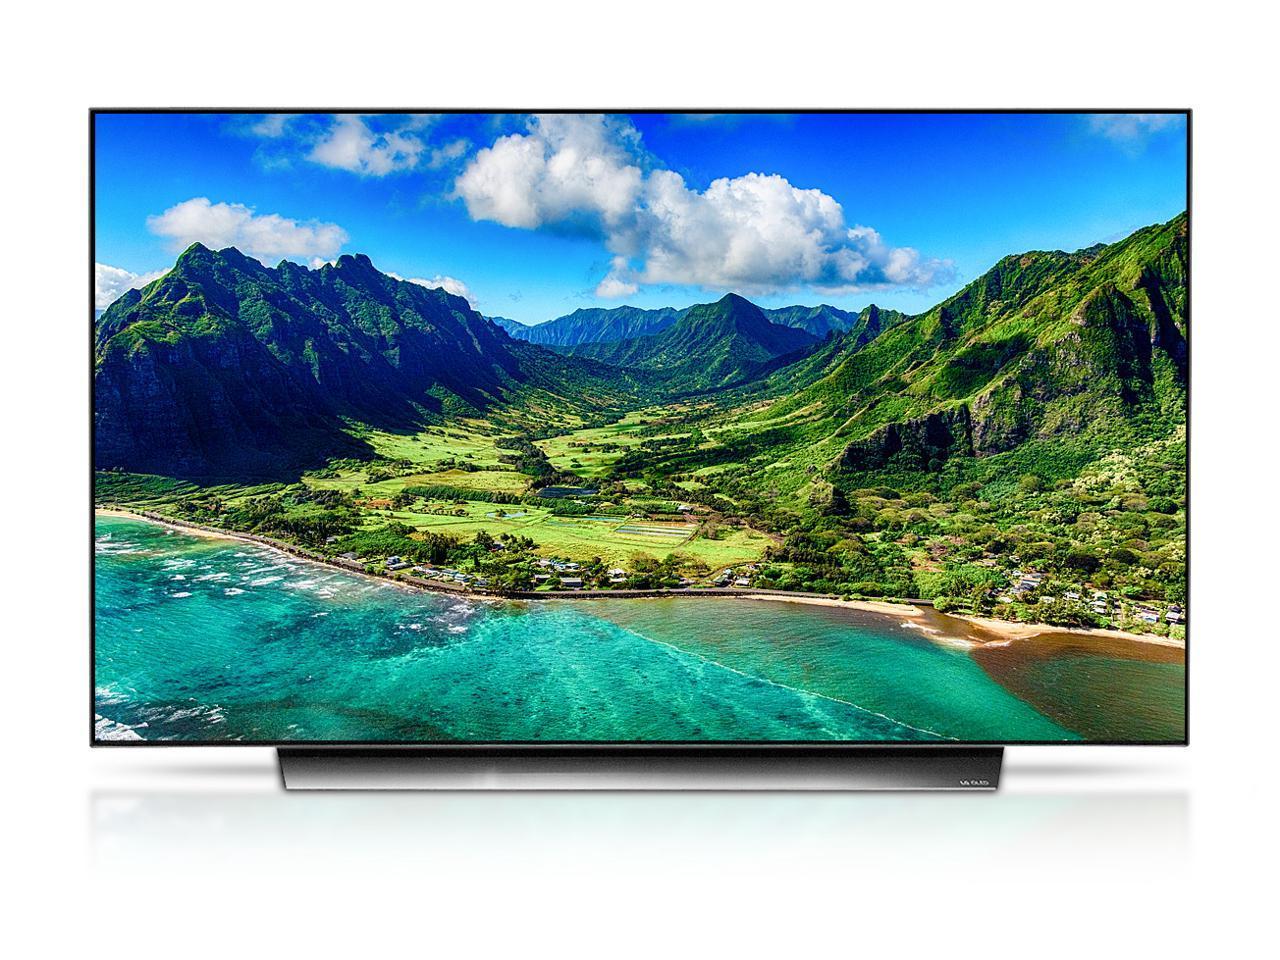 LG OLED65C9PUA Class HDR 4K UHD Smart OLED TV (2019 Model)